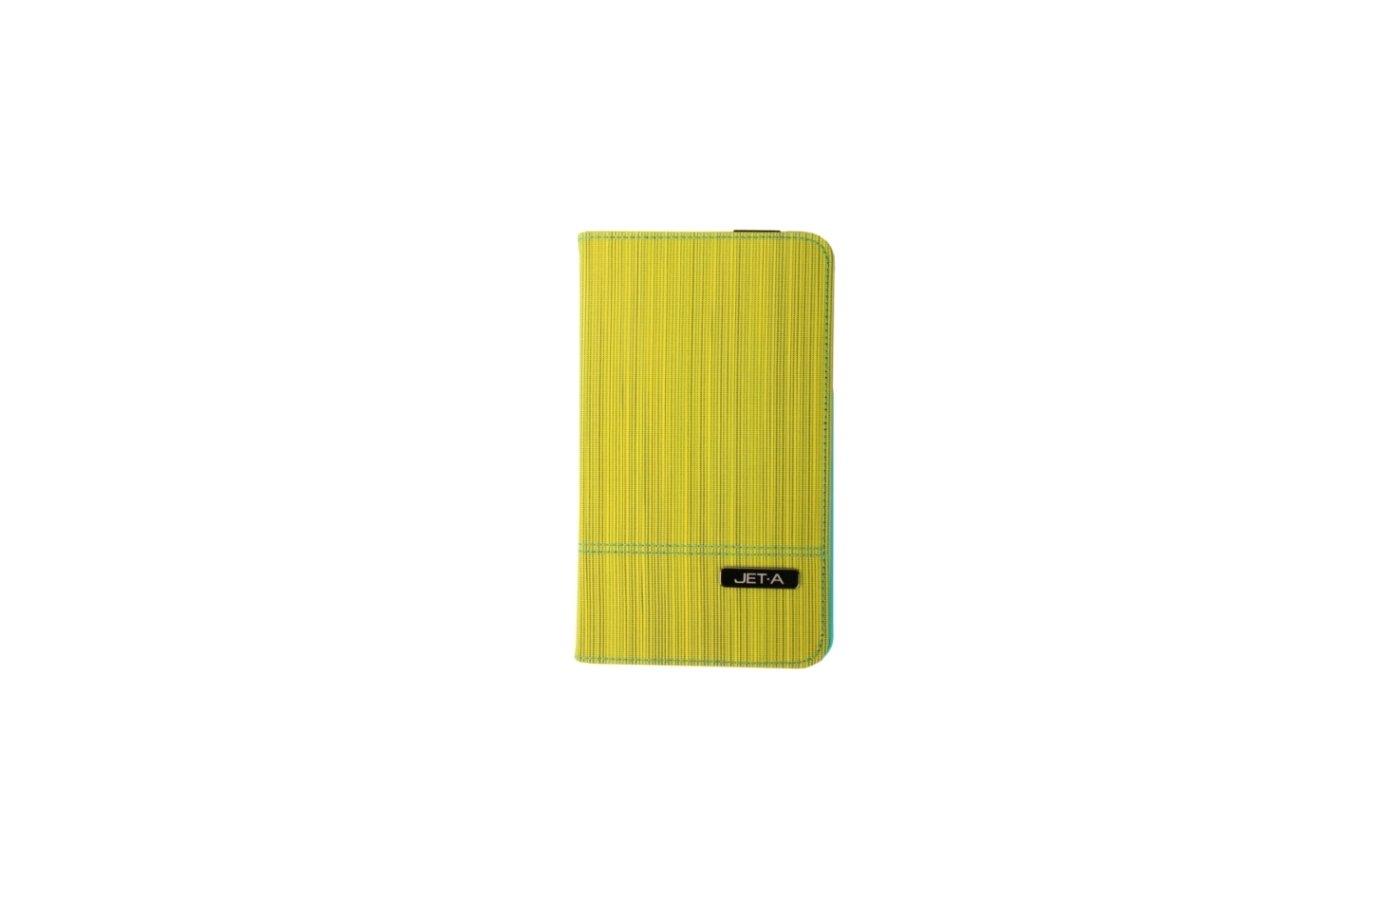 Чехол для планшетного ПК Jet.A SC8-7 для Samsung GT4 8 Цвет - Жёлтый